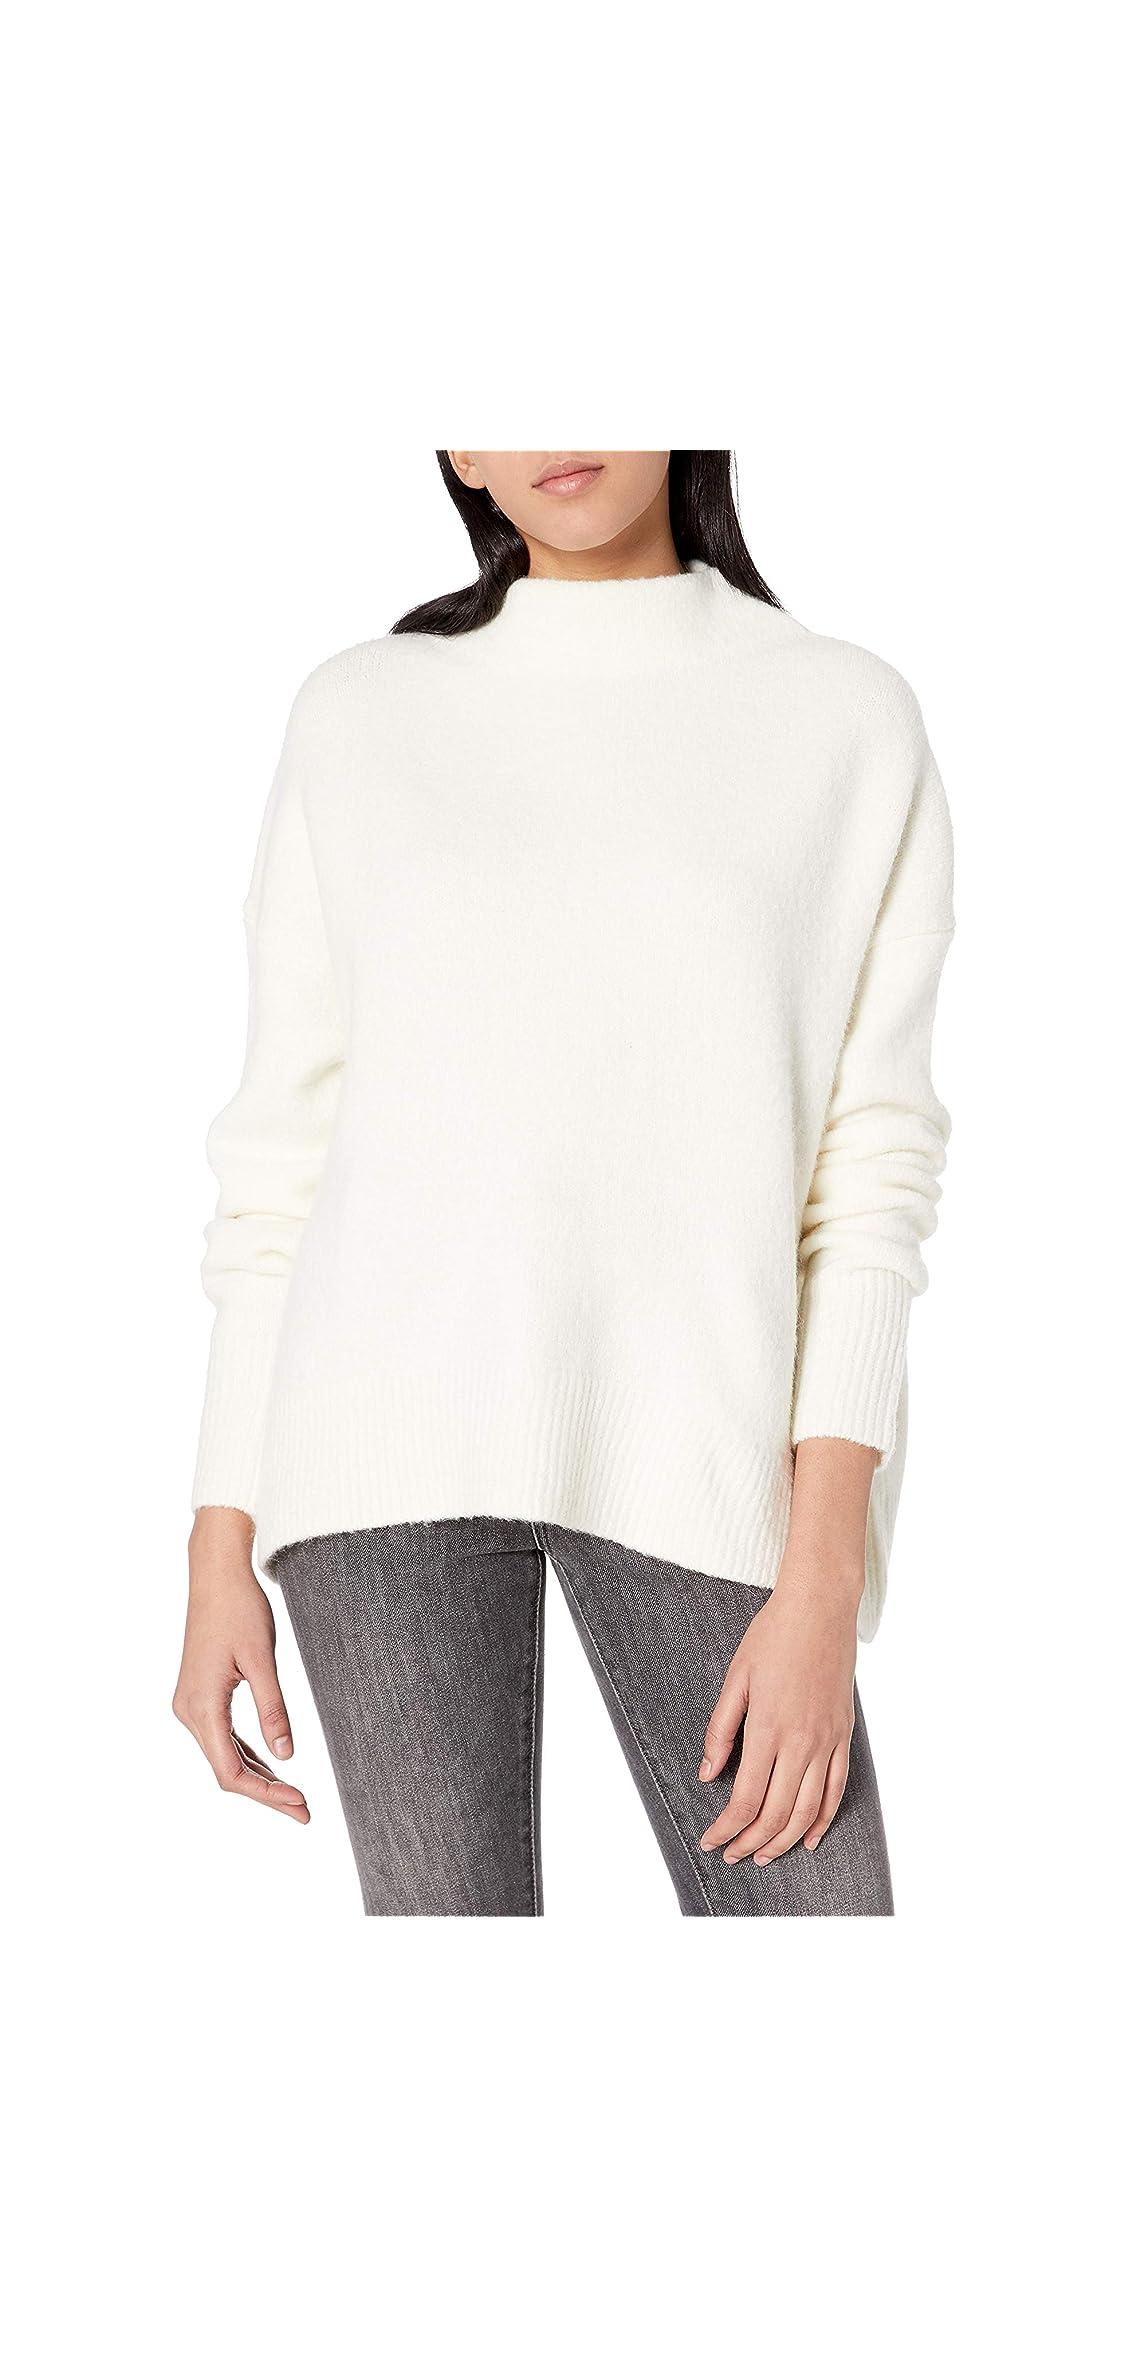 Women's Mock Neck Cozy Sweater